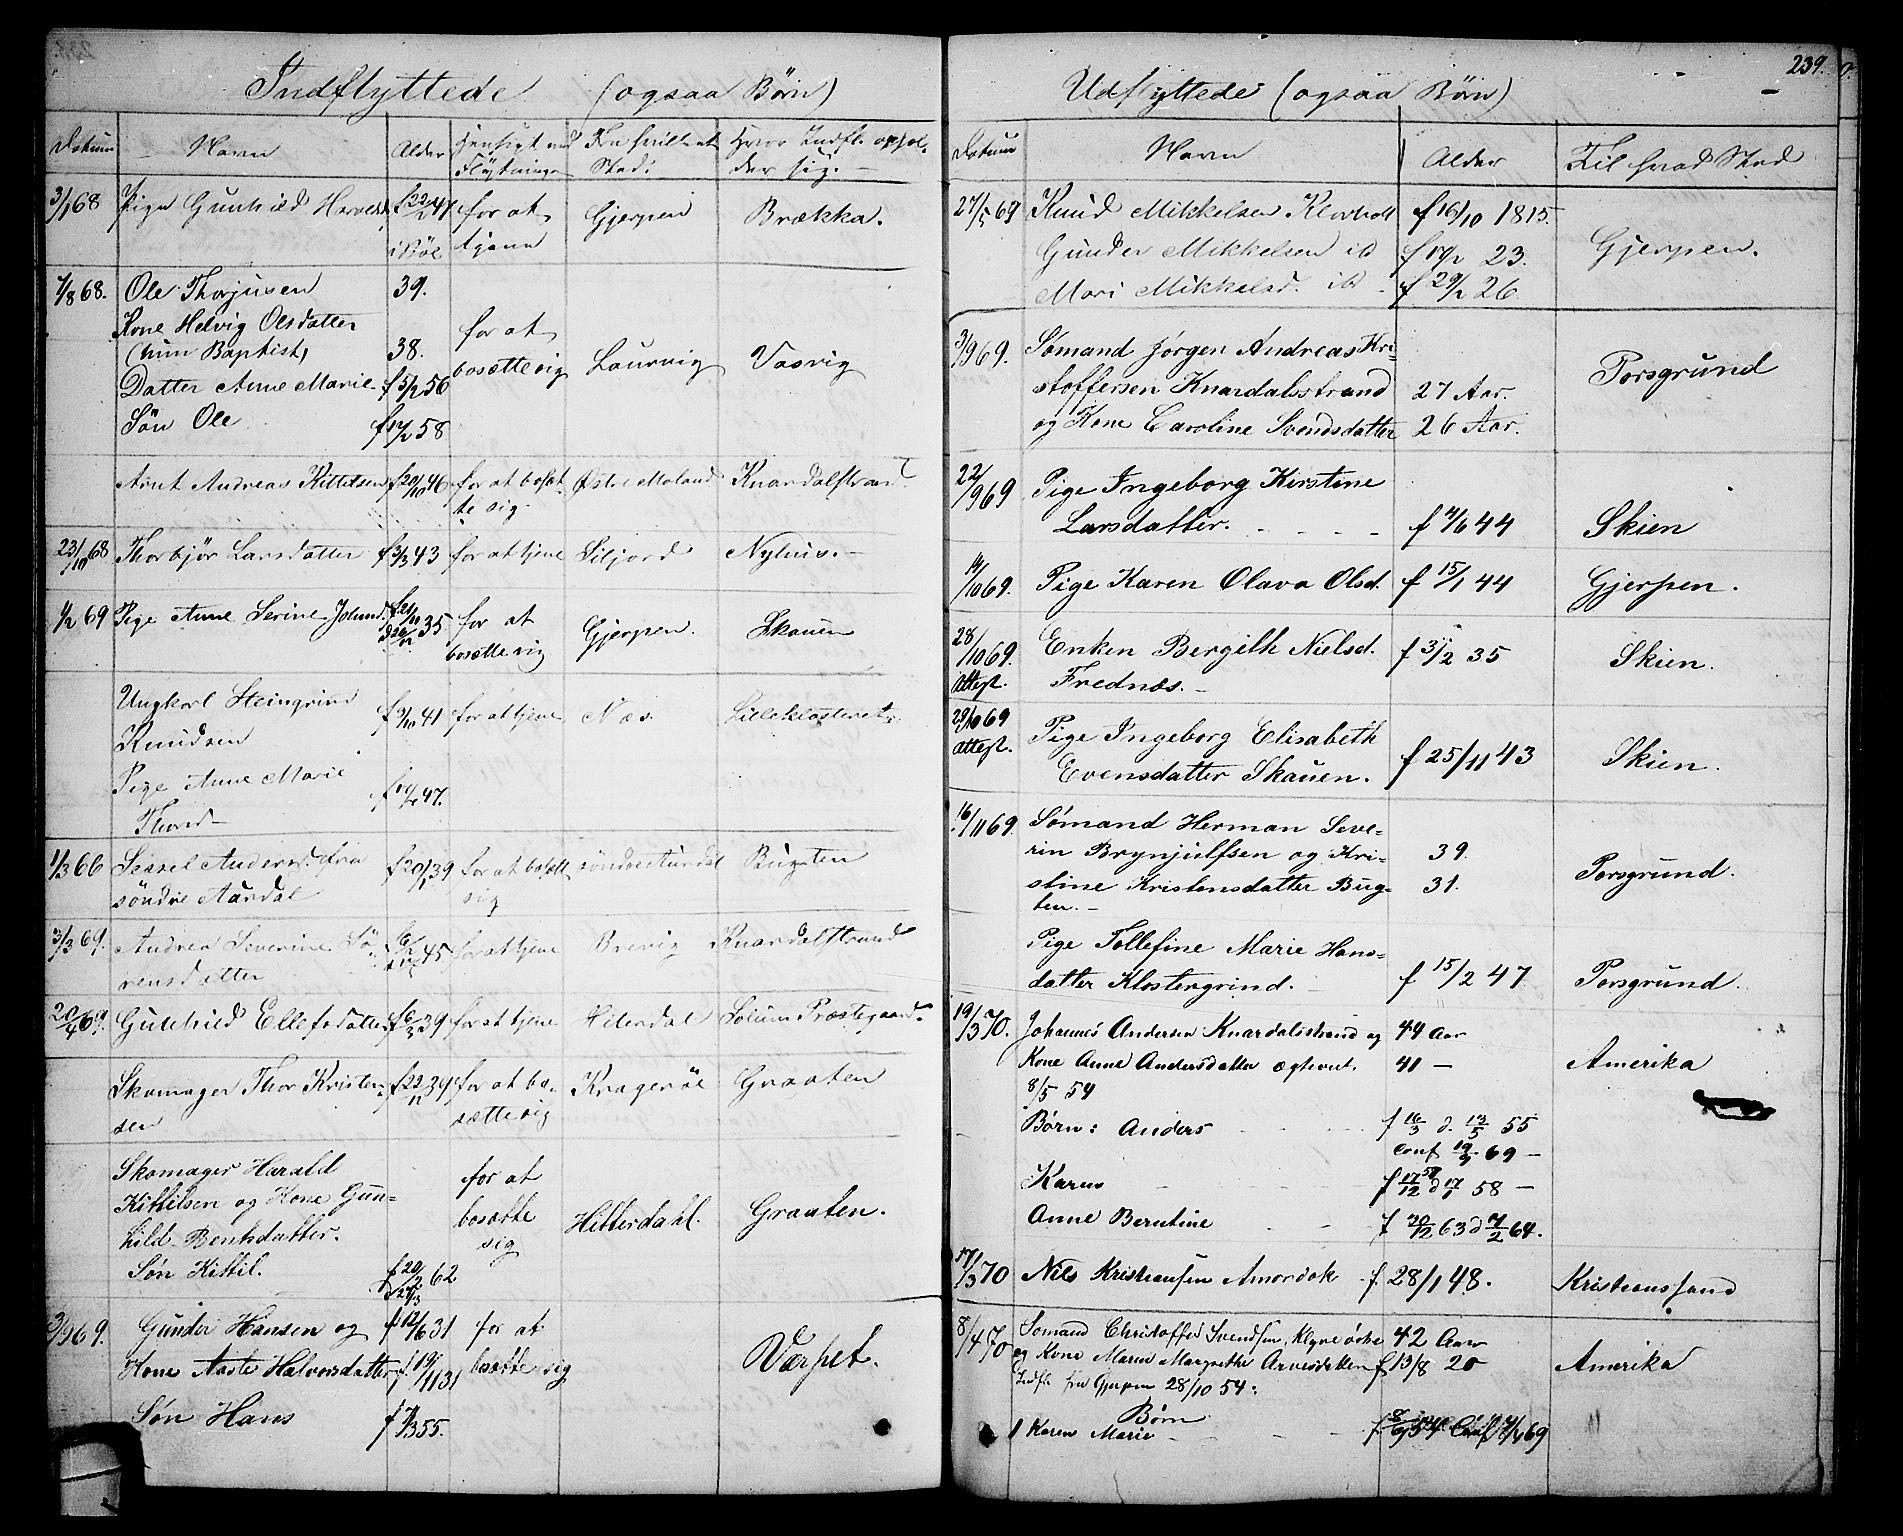 SAKO, Solum kirkebøker, G/Ga/L0004: Klokkerbok nr. I 4, 1859-1876, s. 239